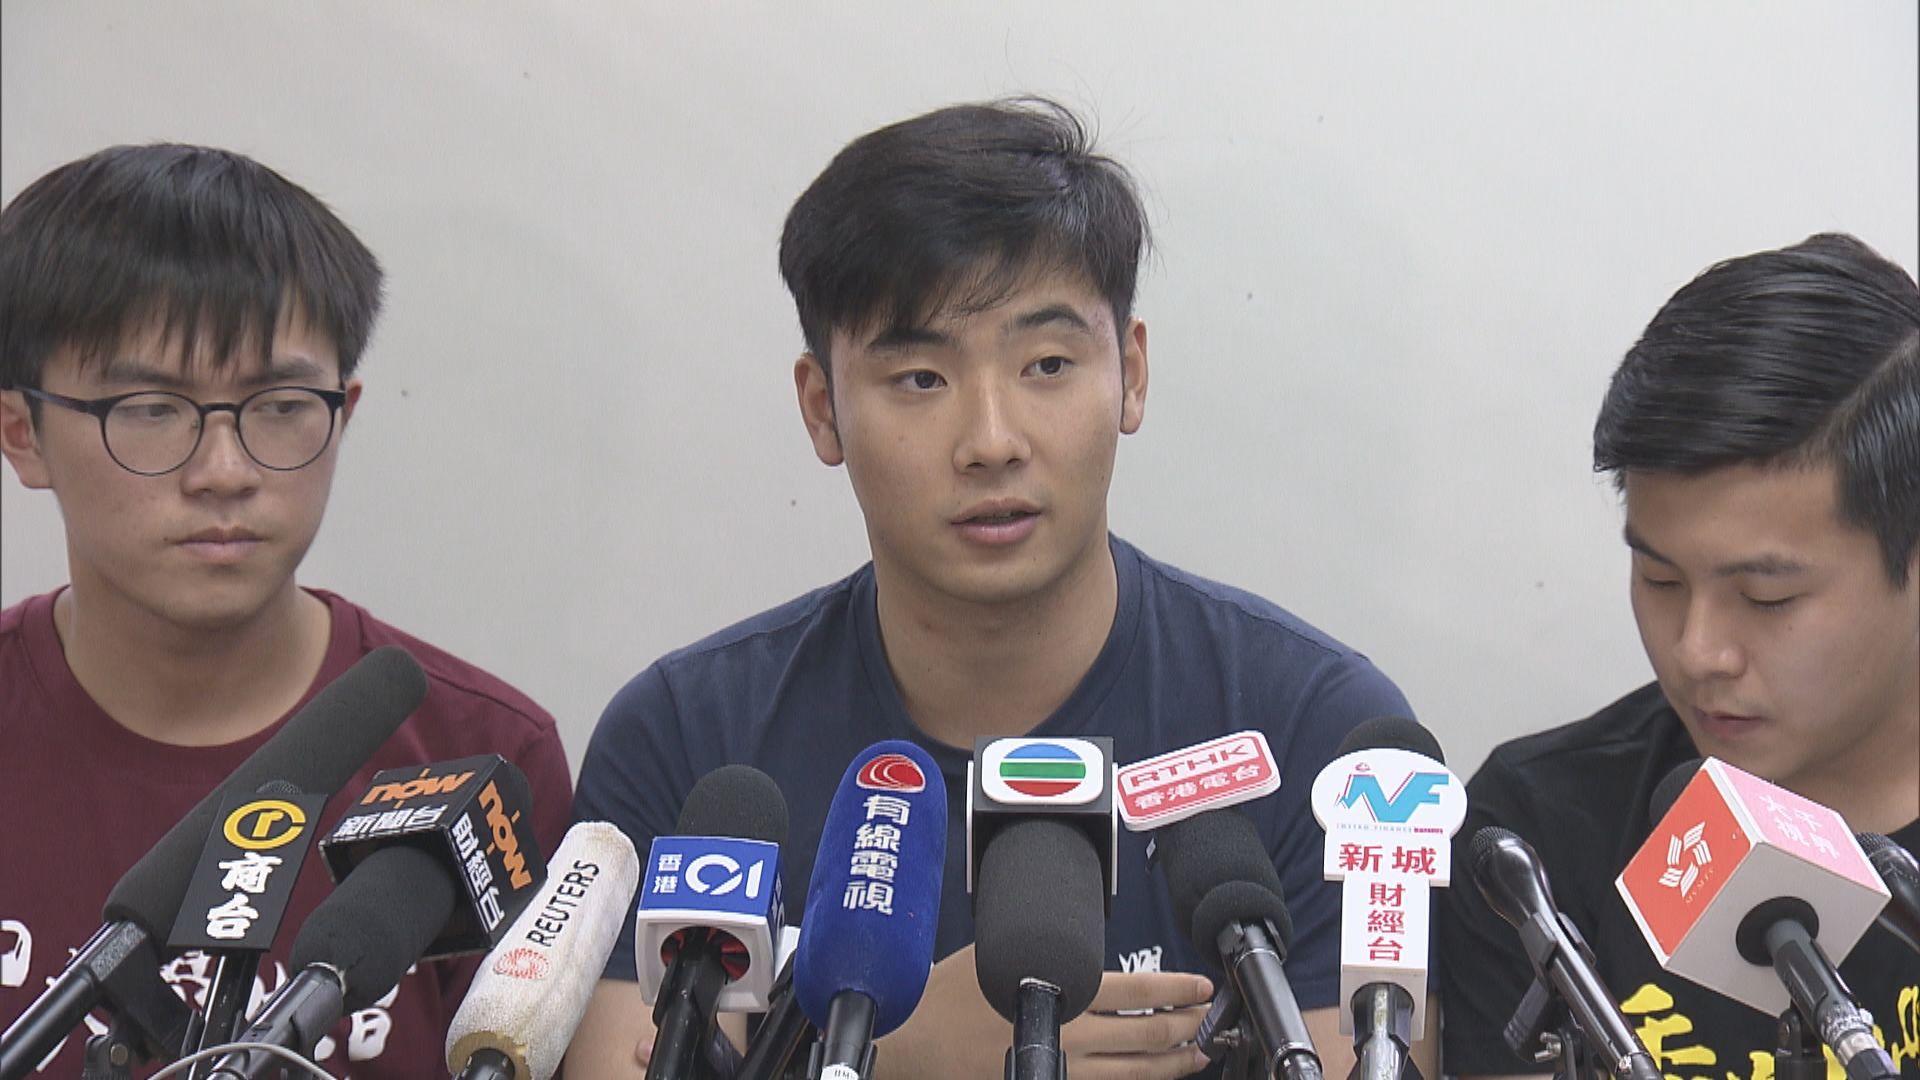 港大及中大學生會:政府若非承諾不控示威者不會參與對話